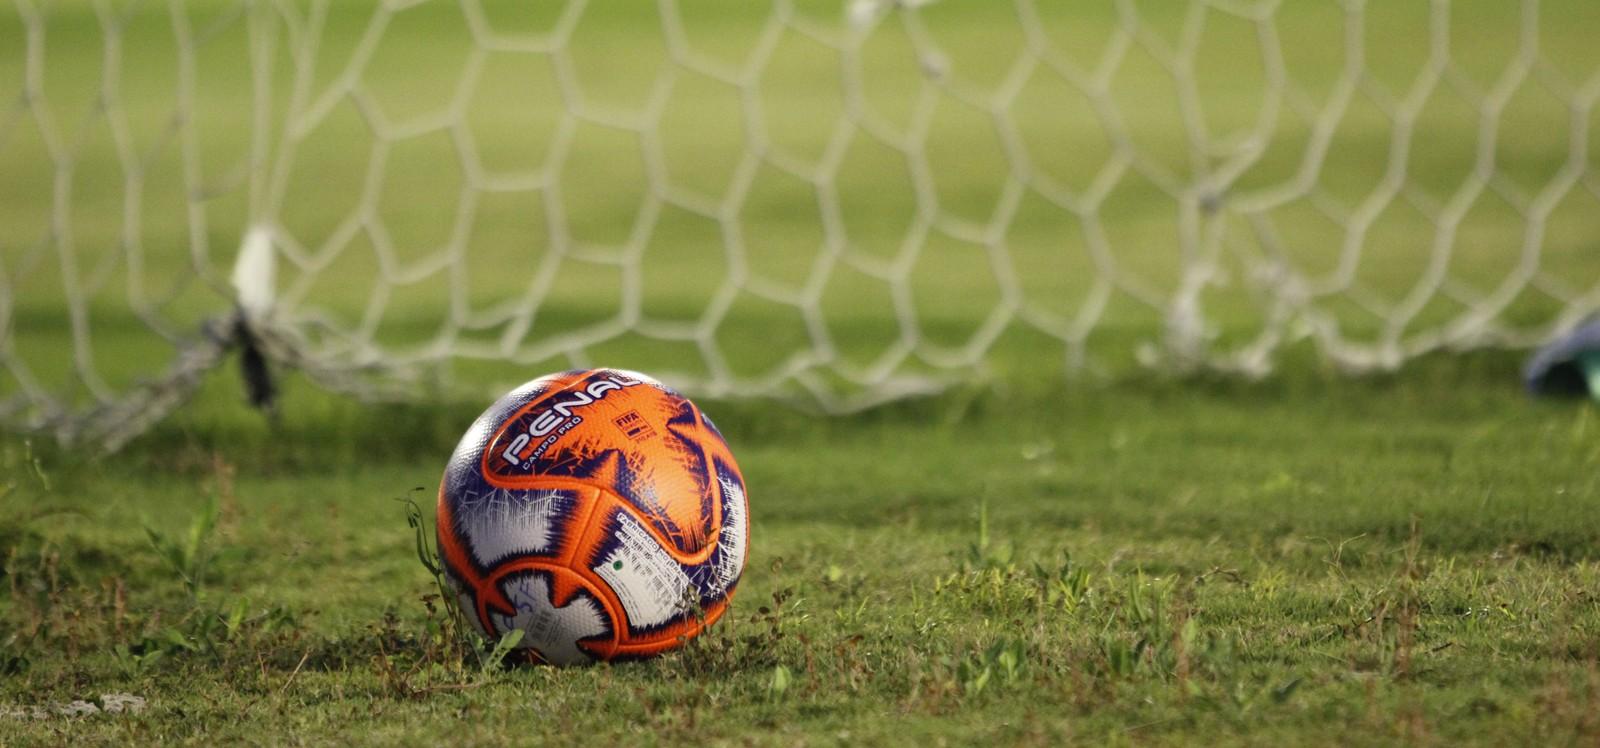 Relembre clubes que passaram pela elite do Tocantinense e estão fora de disputas oficiais